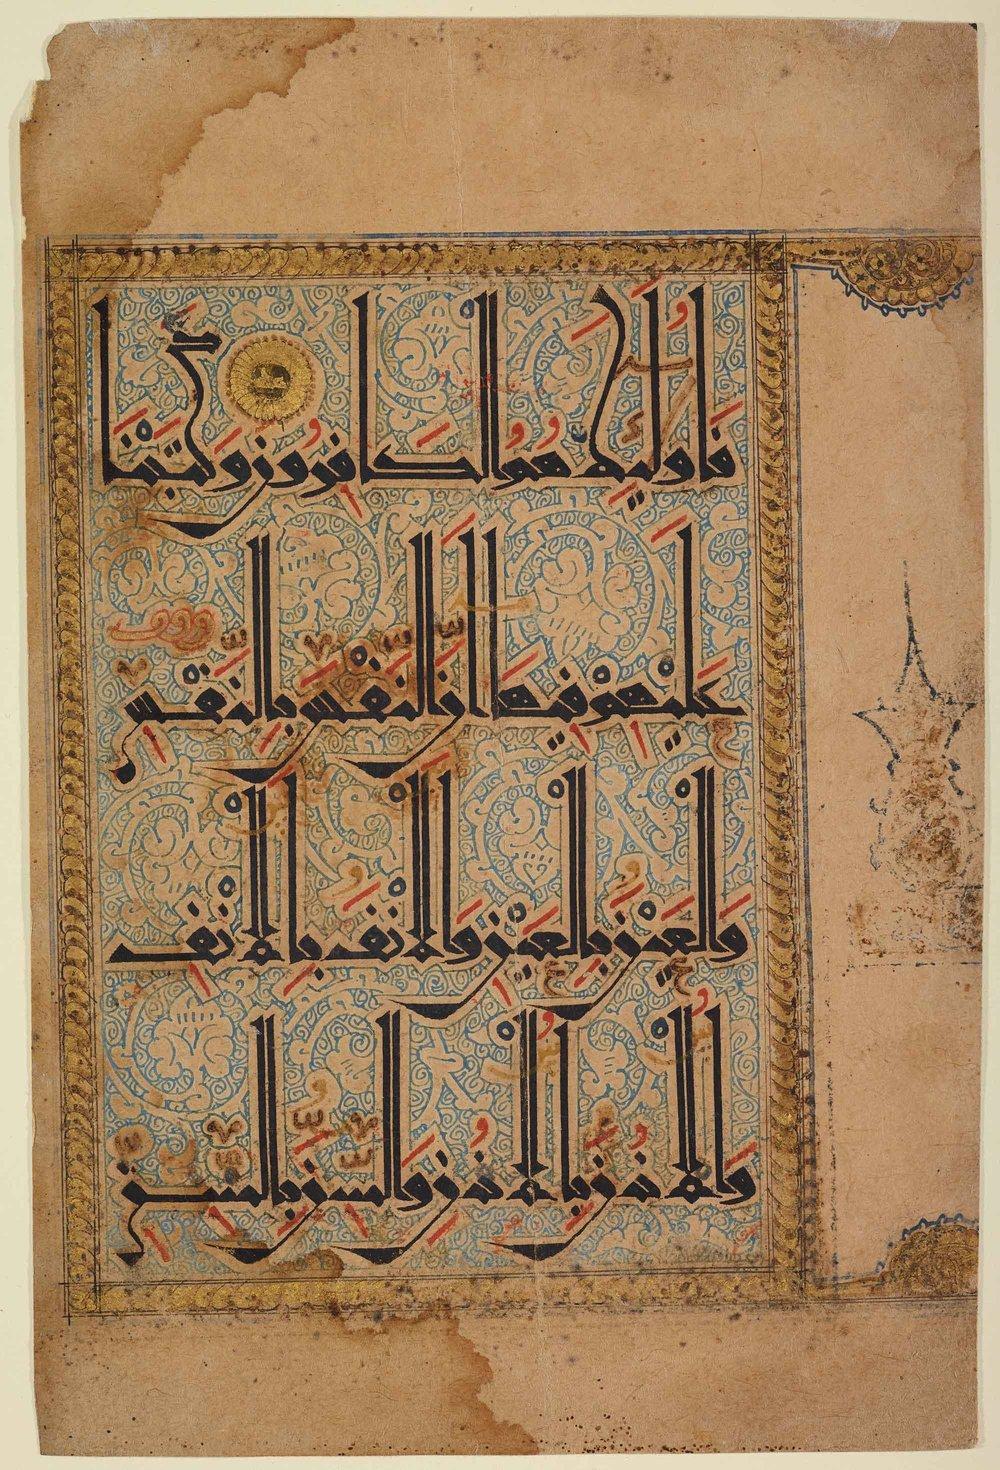 quran_akm256_quran_folio_2000.jpg